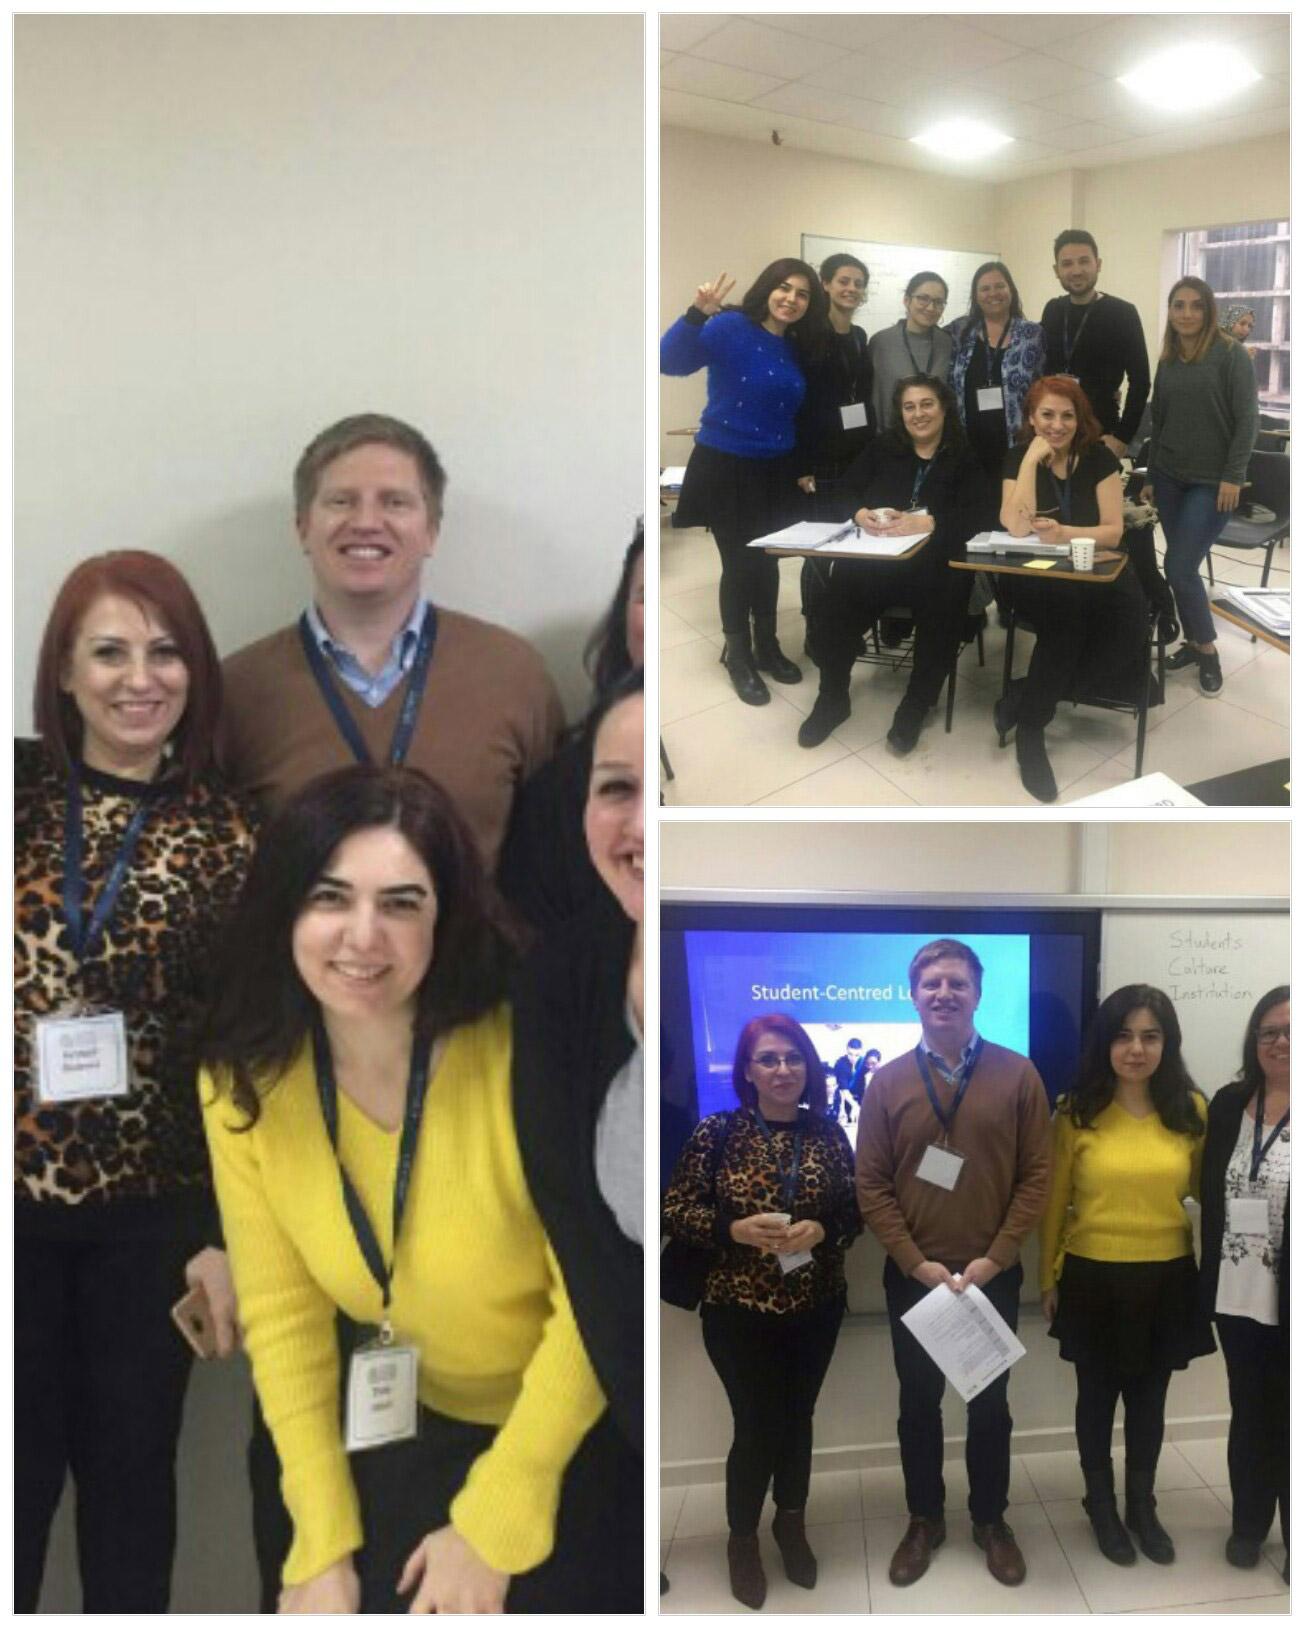 Beykent Üniversitesi ve Oxford Üniversitesi İşbirliği ile Düzenlenen Oxford Teachers' Academy Sertifikasyon Programı Gerçekleştirildi 2